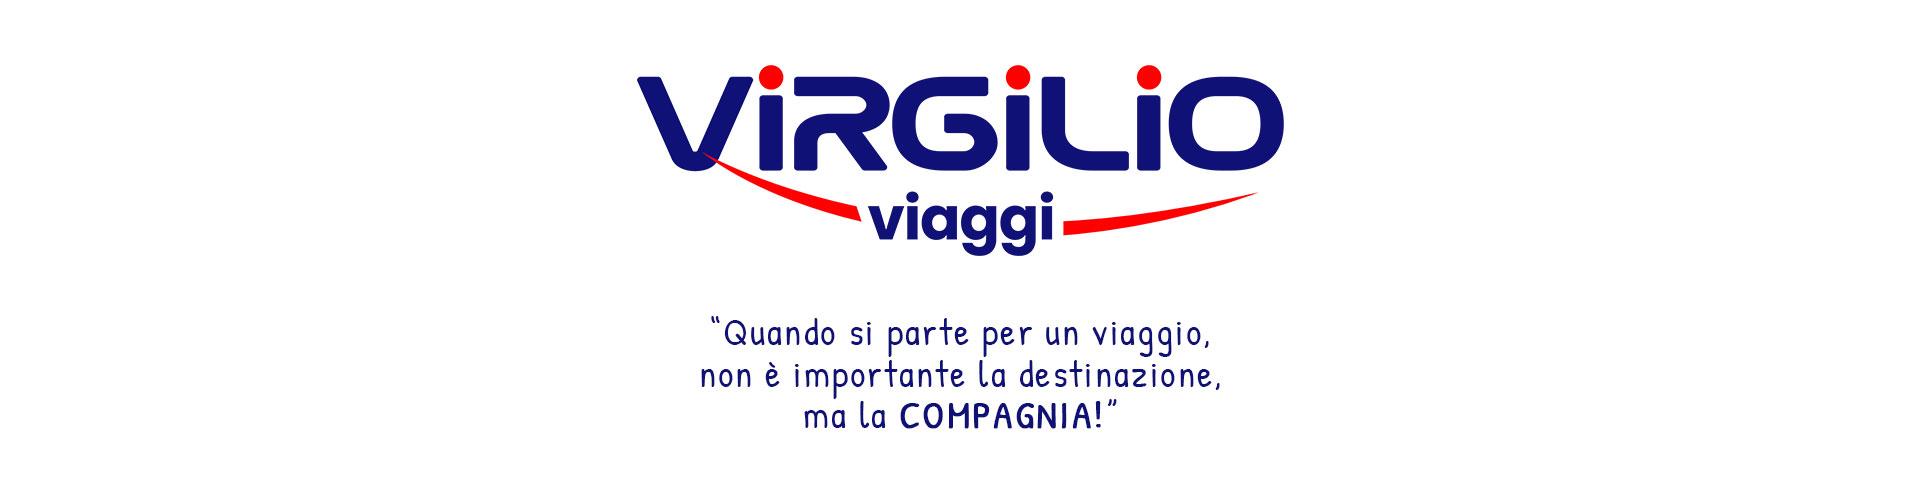 slide-virgilio